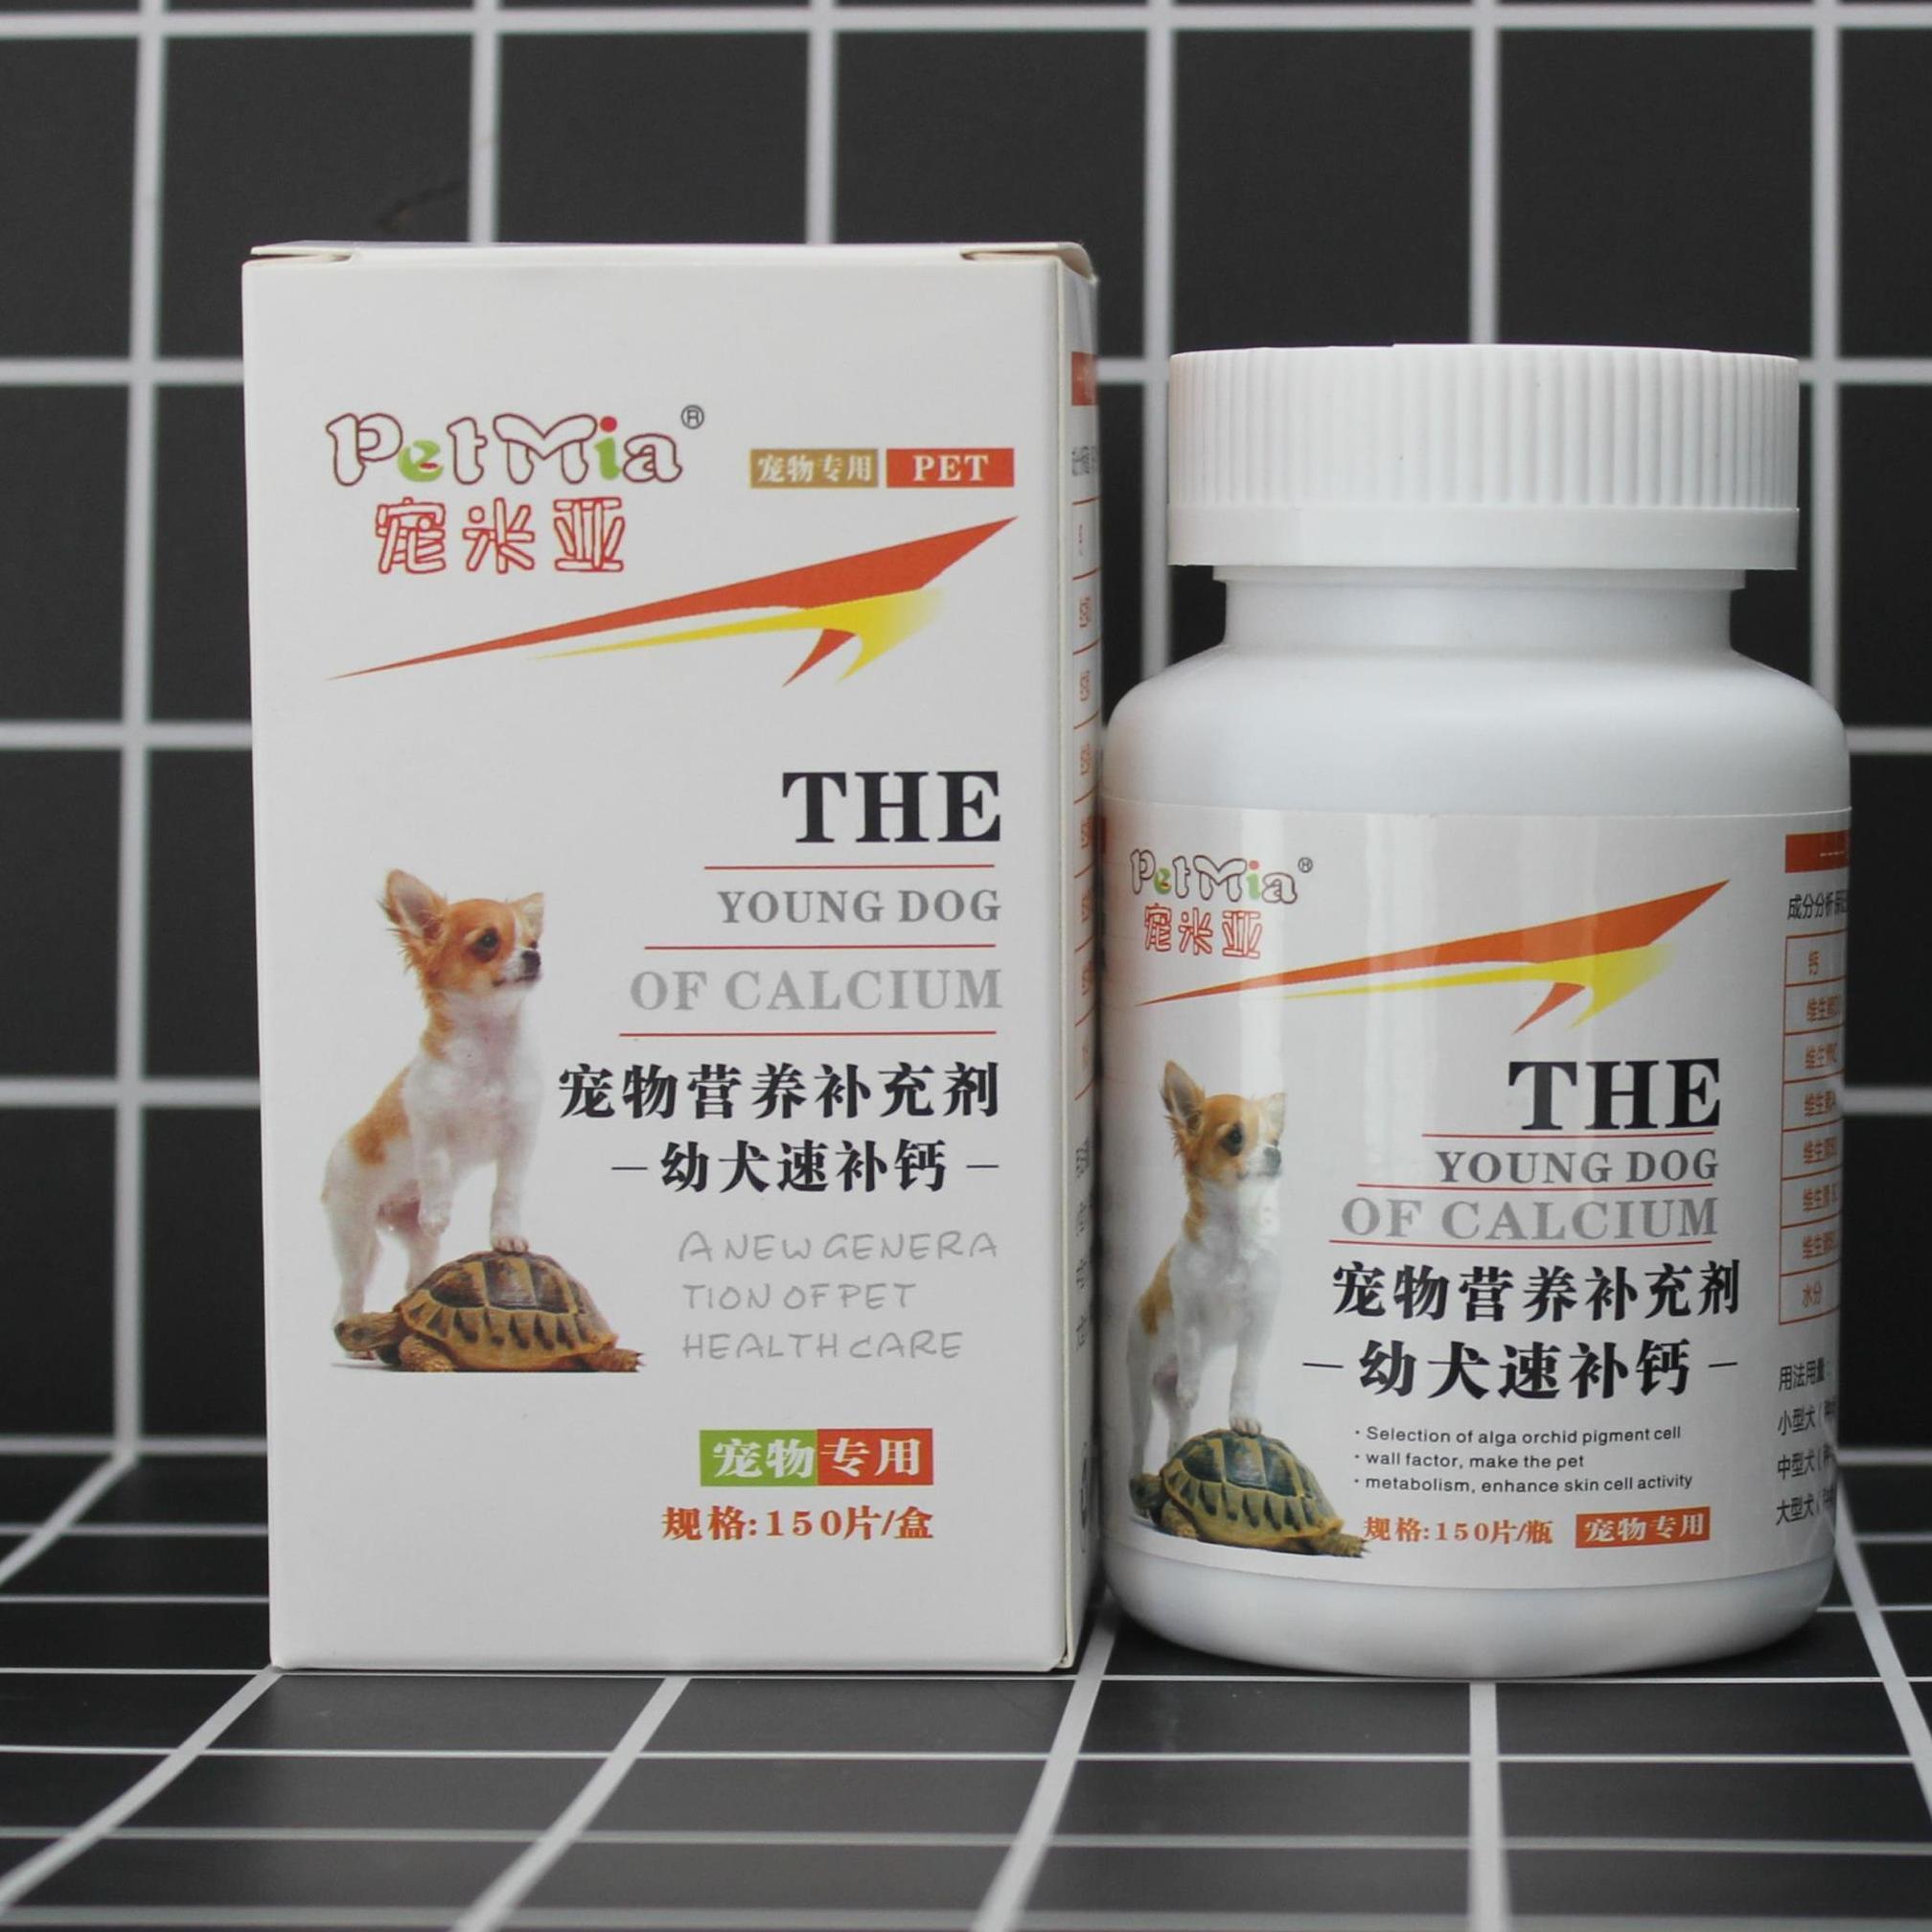 寵物營養補充劑寵物保健品寵物專用幼犬速補鈣